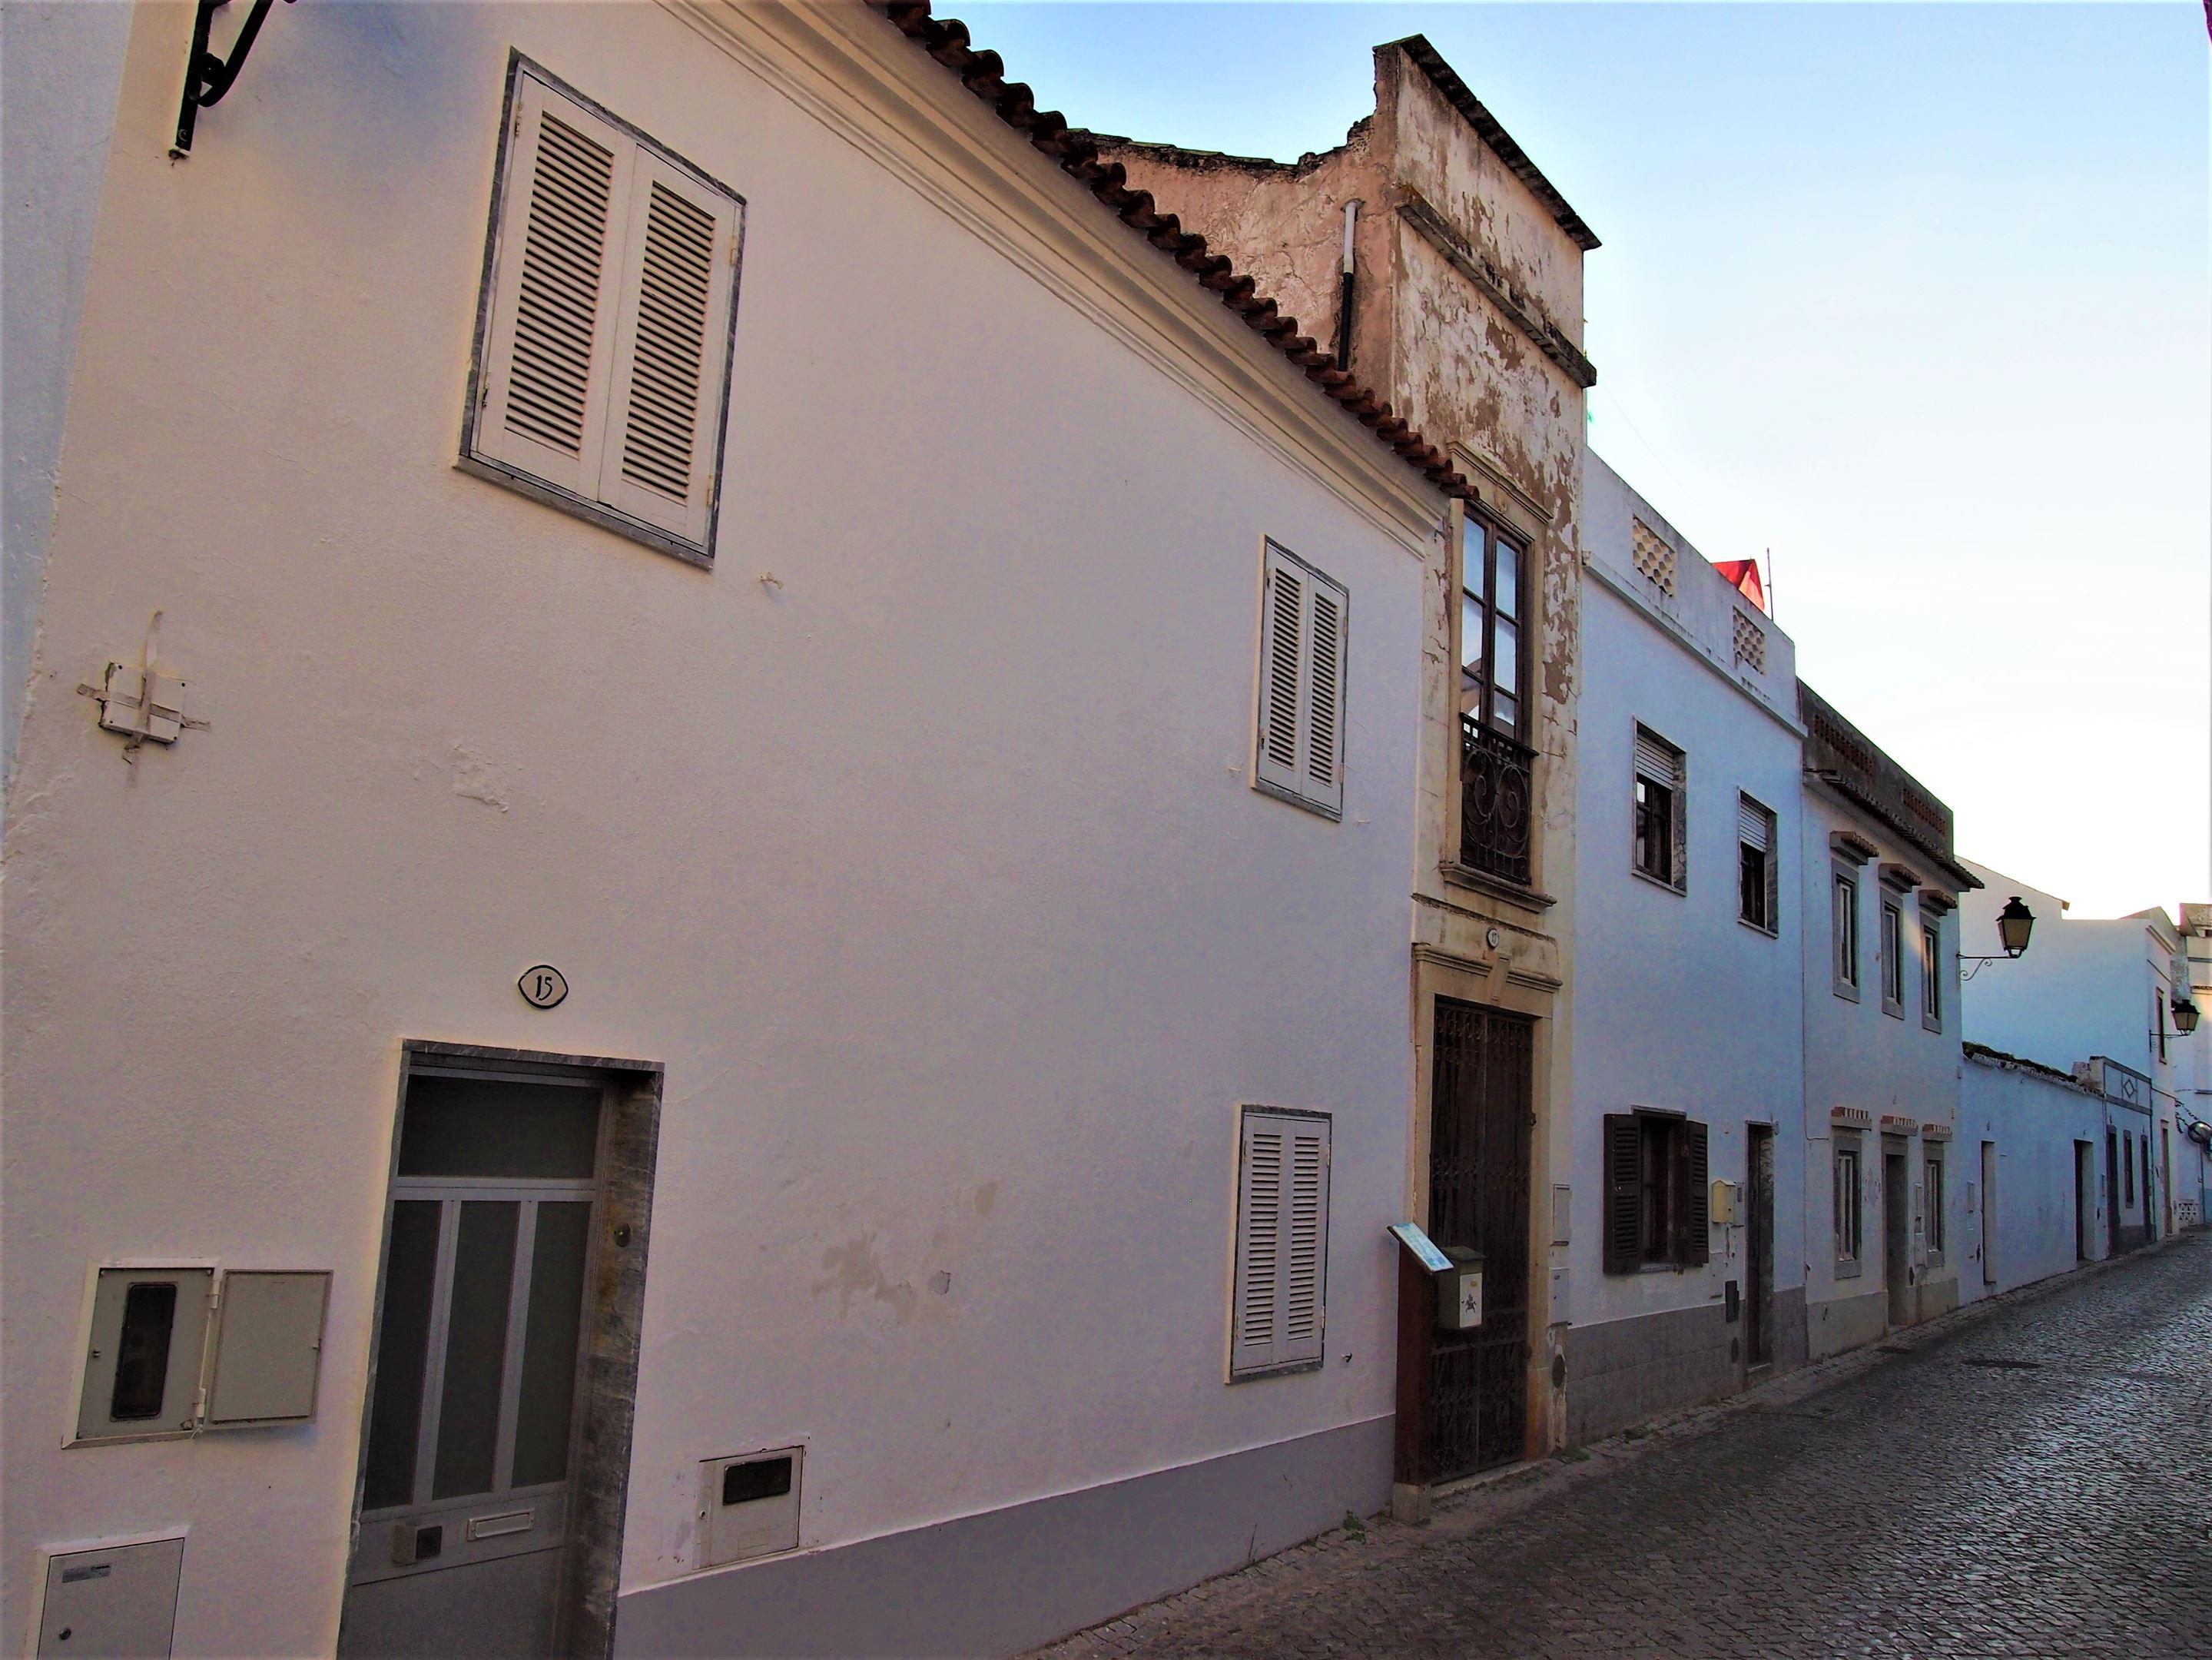 Lugar de nacimiento del poeta Cândido Guerreiro, Alte, Algarve